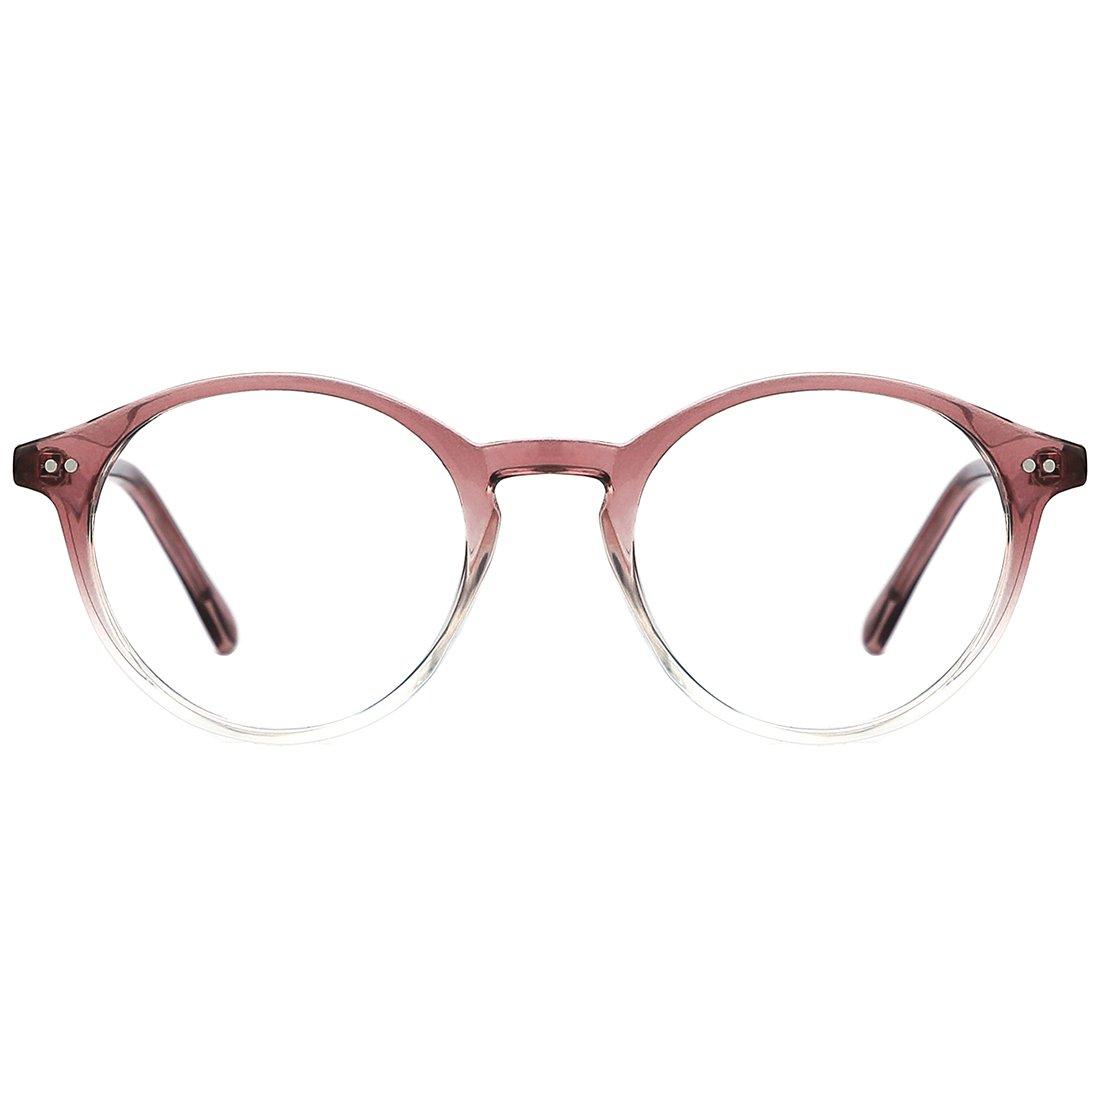 TIJN Vintage Women Thick Round Rim Non-prescription Glasses Eyeglasses Clear Lens 00076101